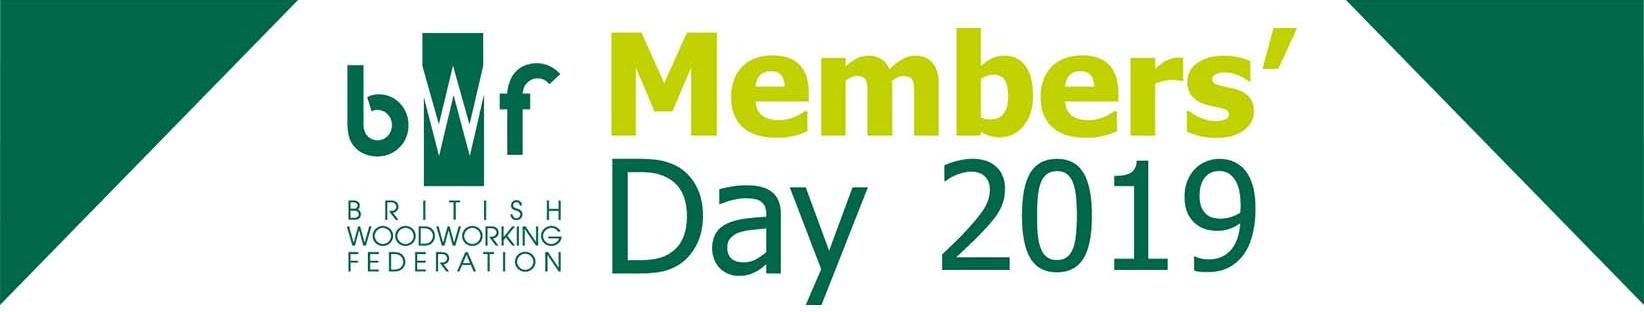 Members' Day – 11th June